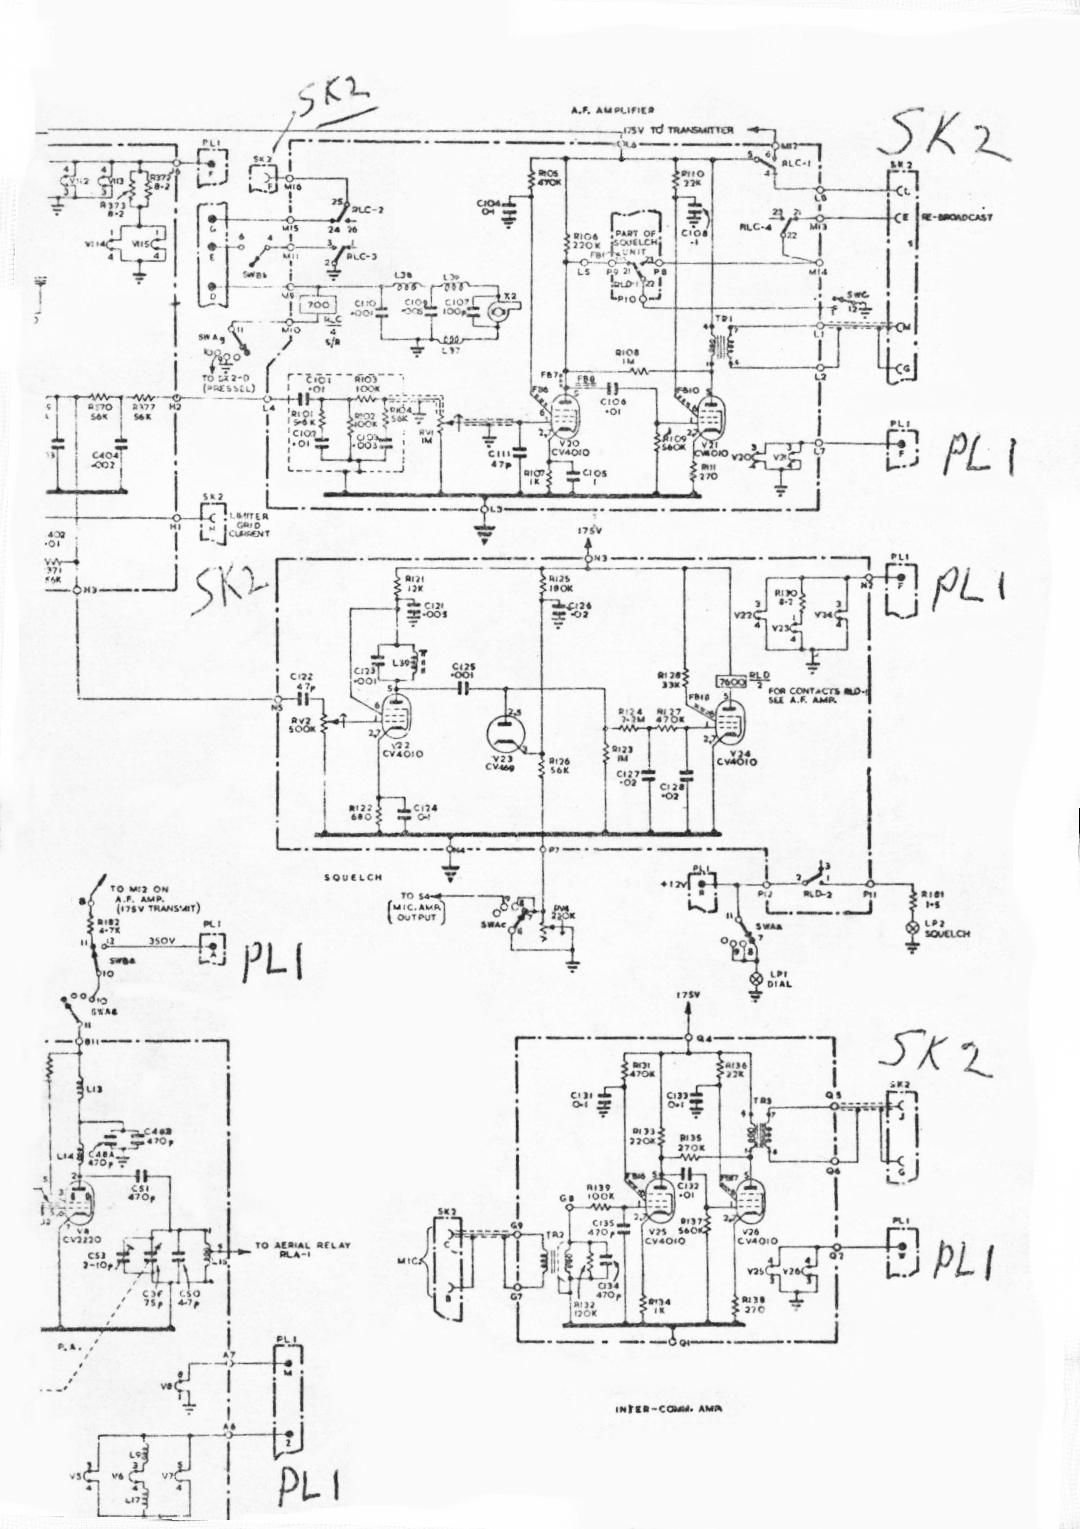 C42 Radio Receiver Circuit Diagram On Ham Am Transmitter Schematics Rhs Of Schematic